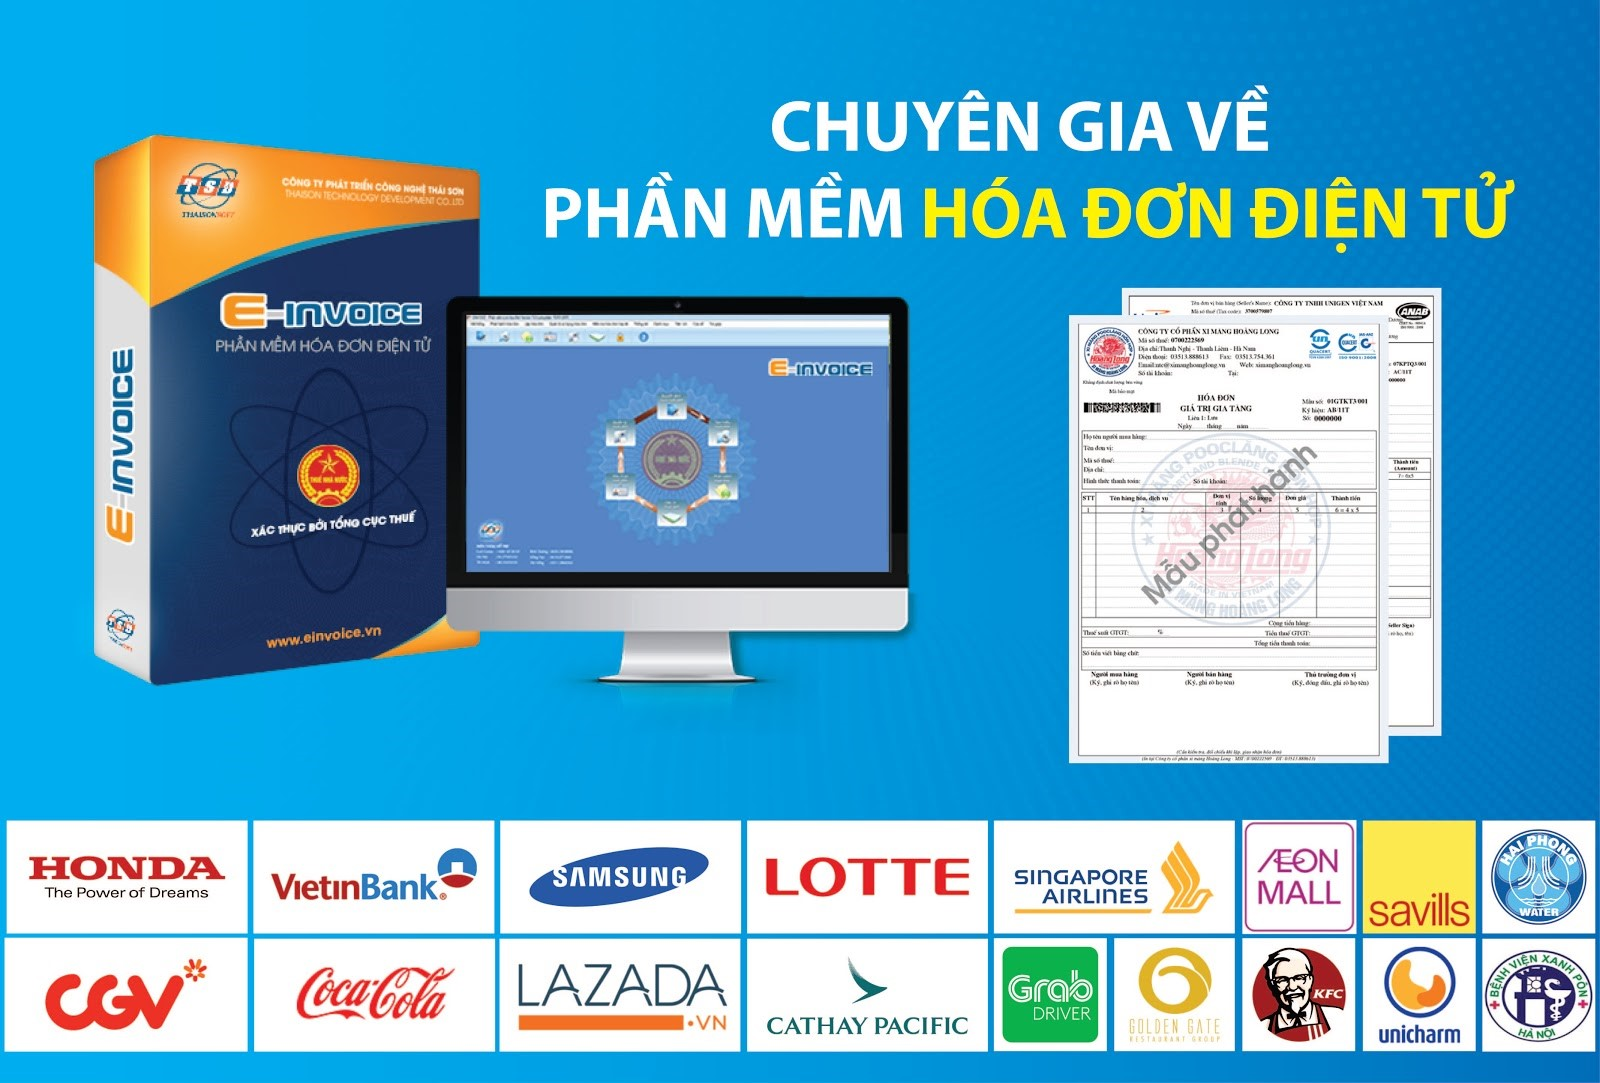 Phần mềm hóa đơn điện tử Einvoice được phát triển bởi Công ty Thái Sơn